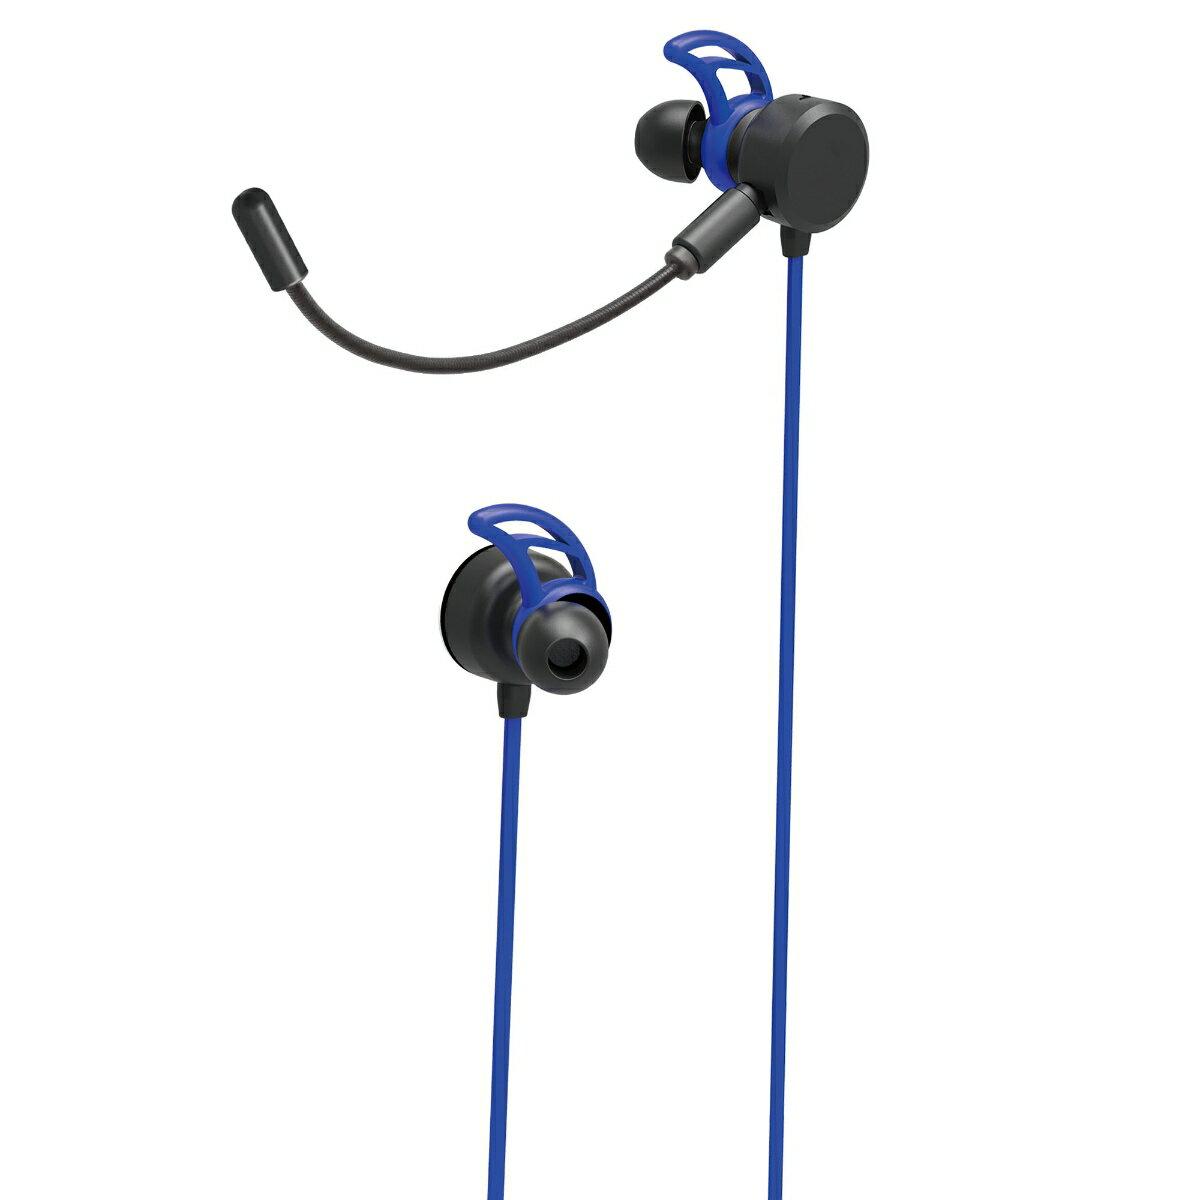 ゲーミングヘッドセット インイヤー(PS4) 【ブルー】